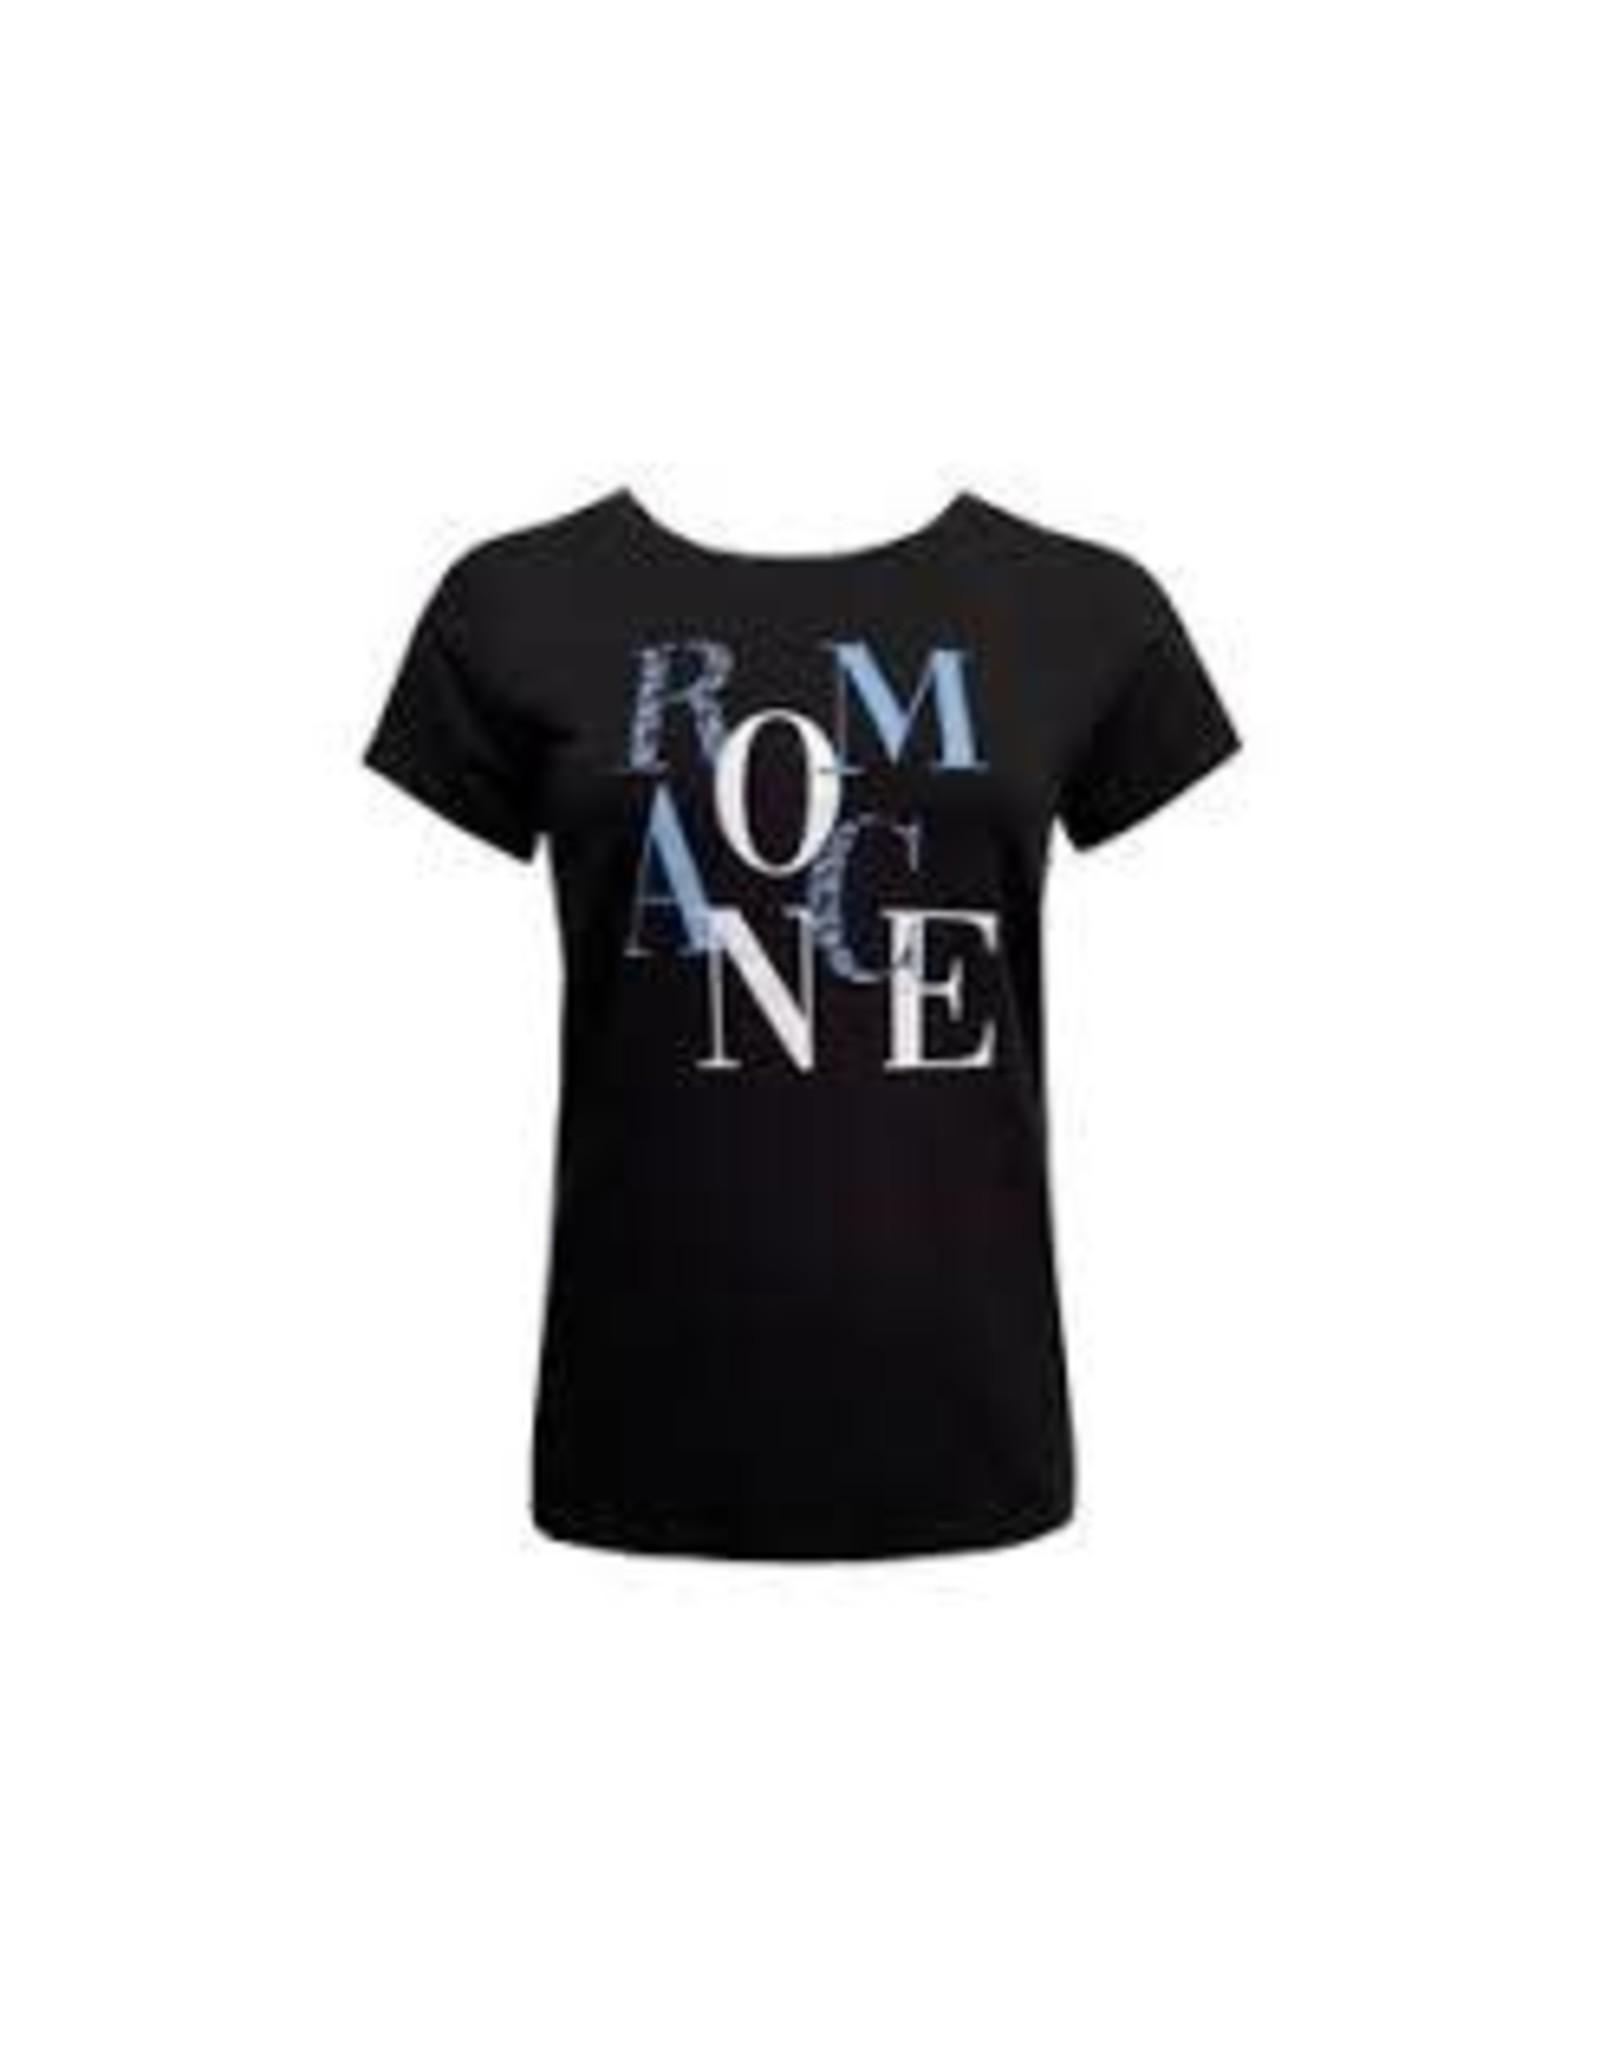 Elvira Elvira T-Shirt Romance E1 21-003